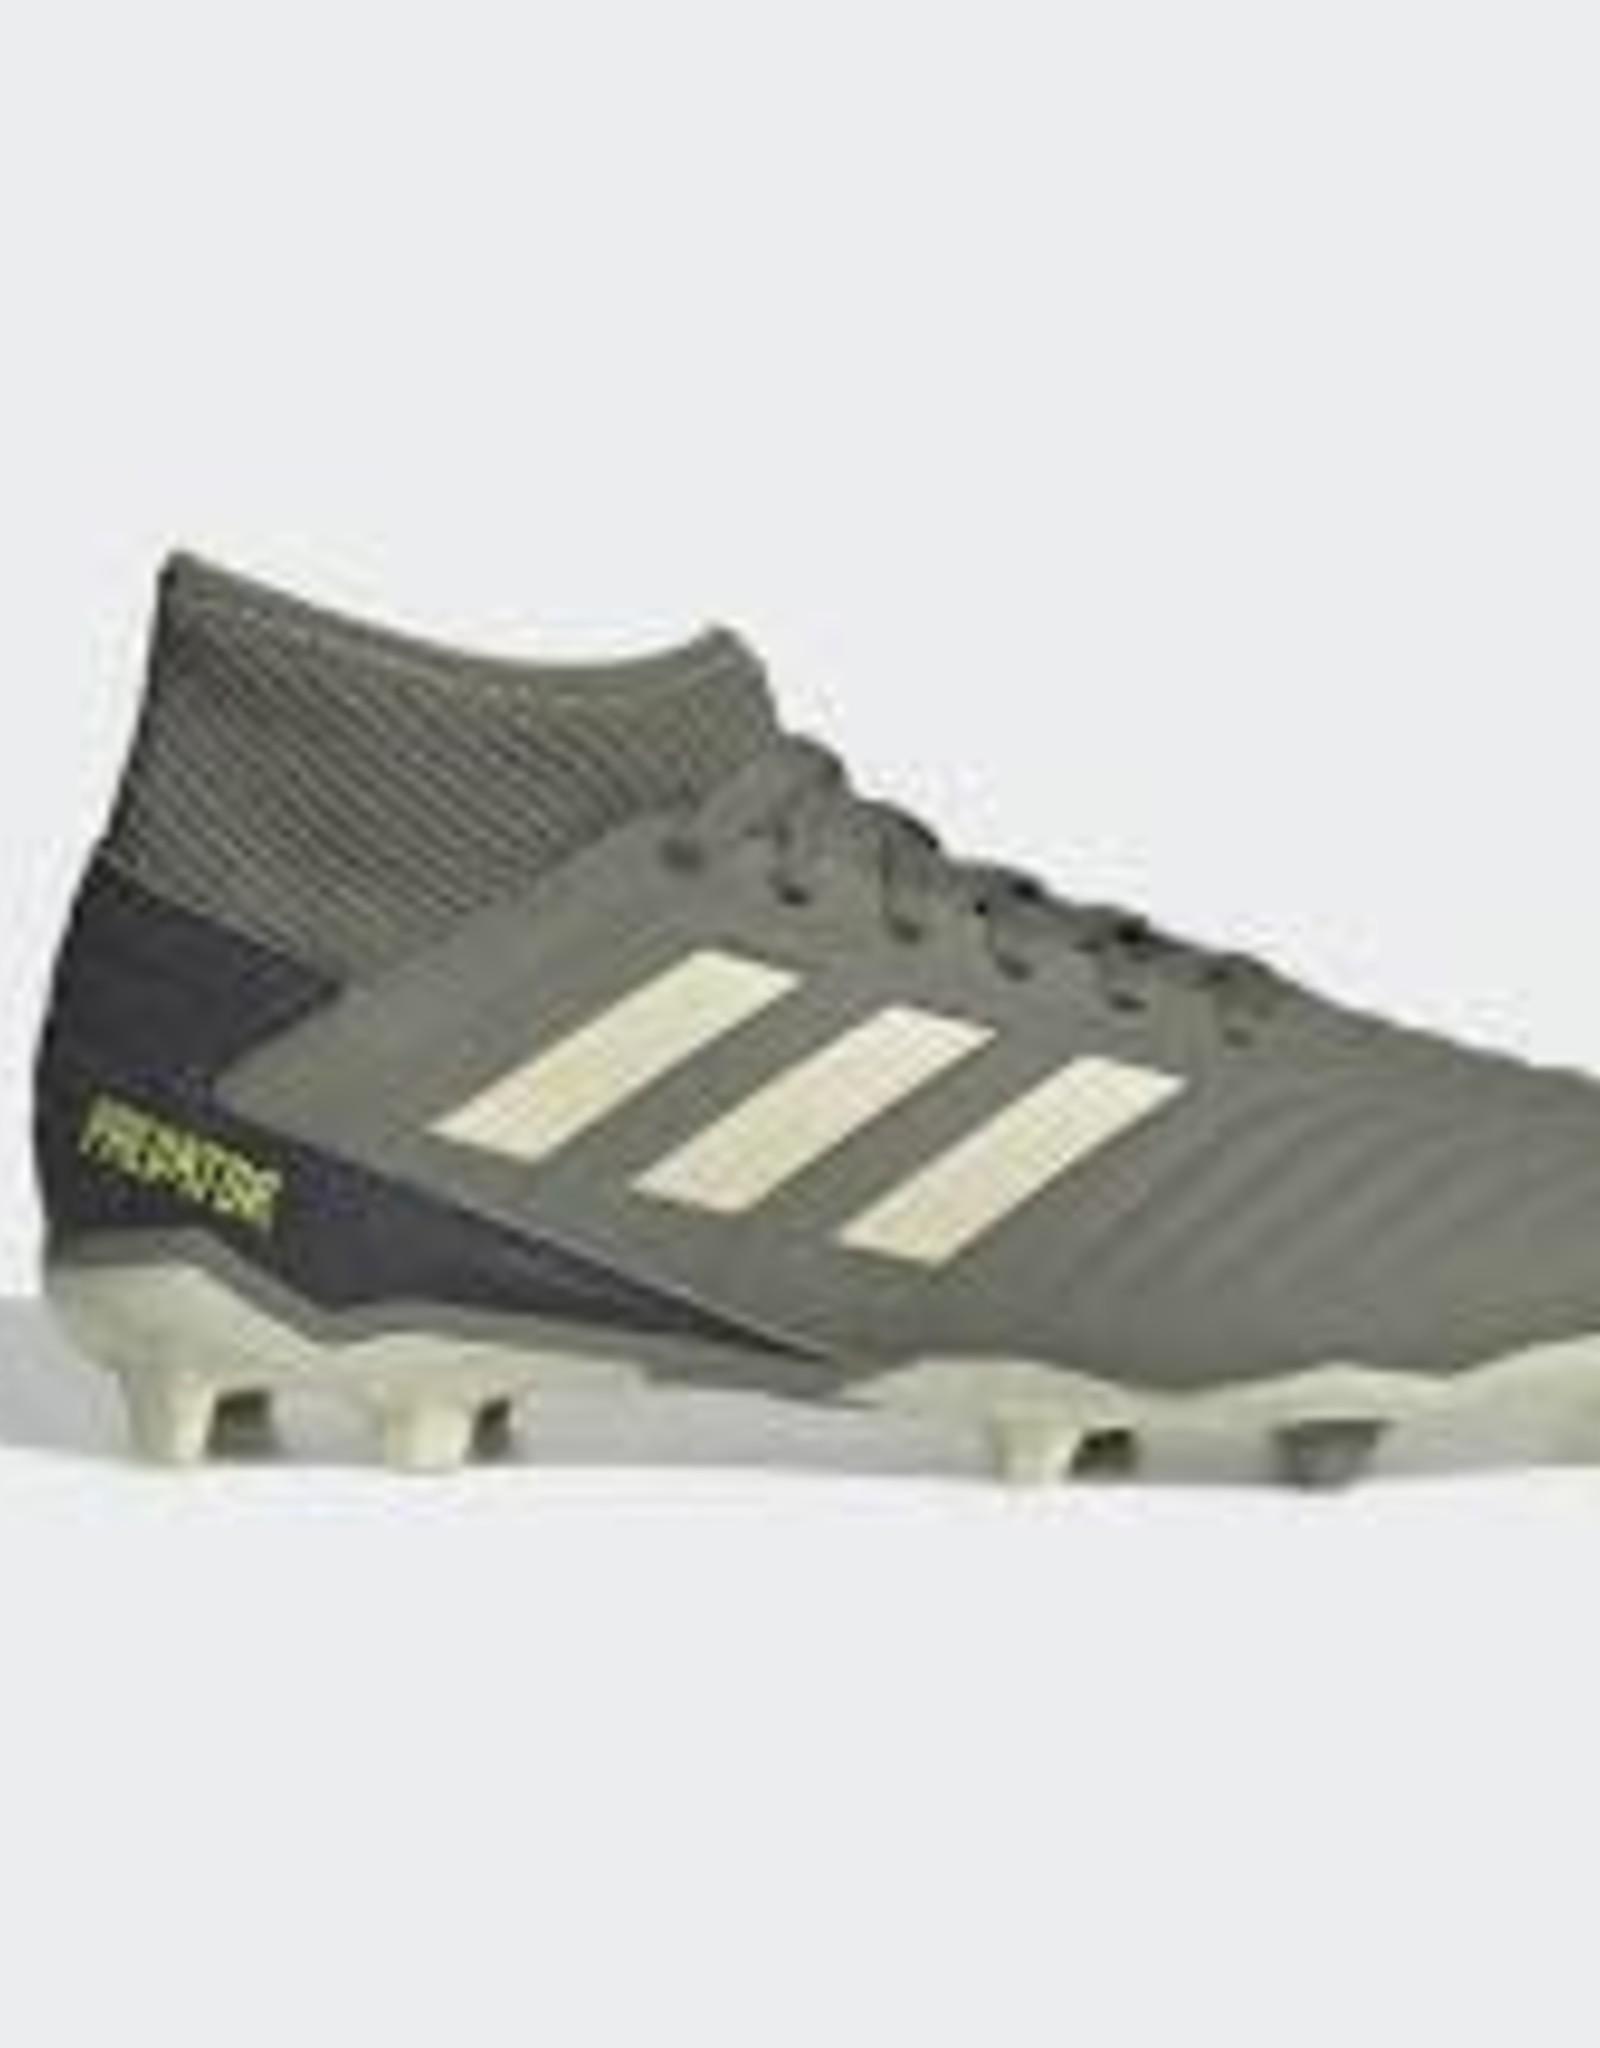 Adidas Adidas FG Predator 19.3 Jr